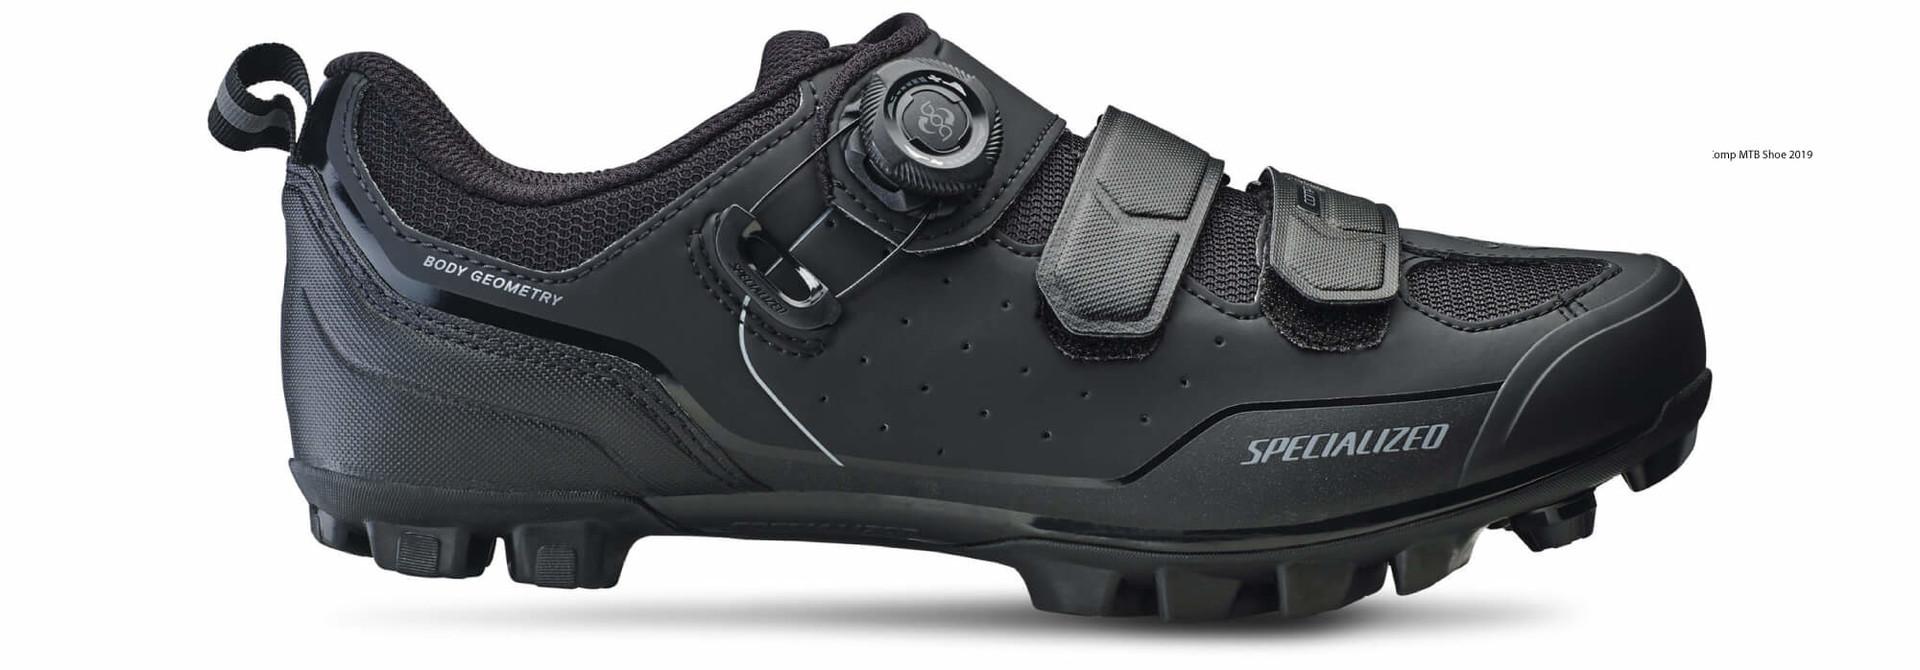 Comp MTB Shoe 2019